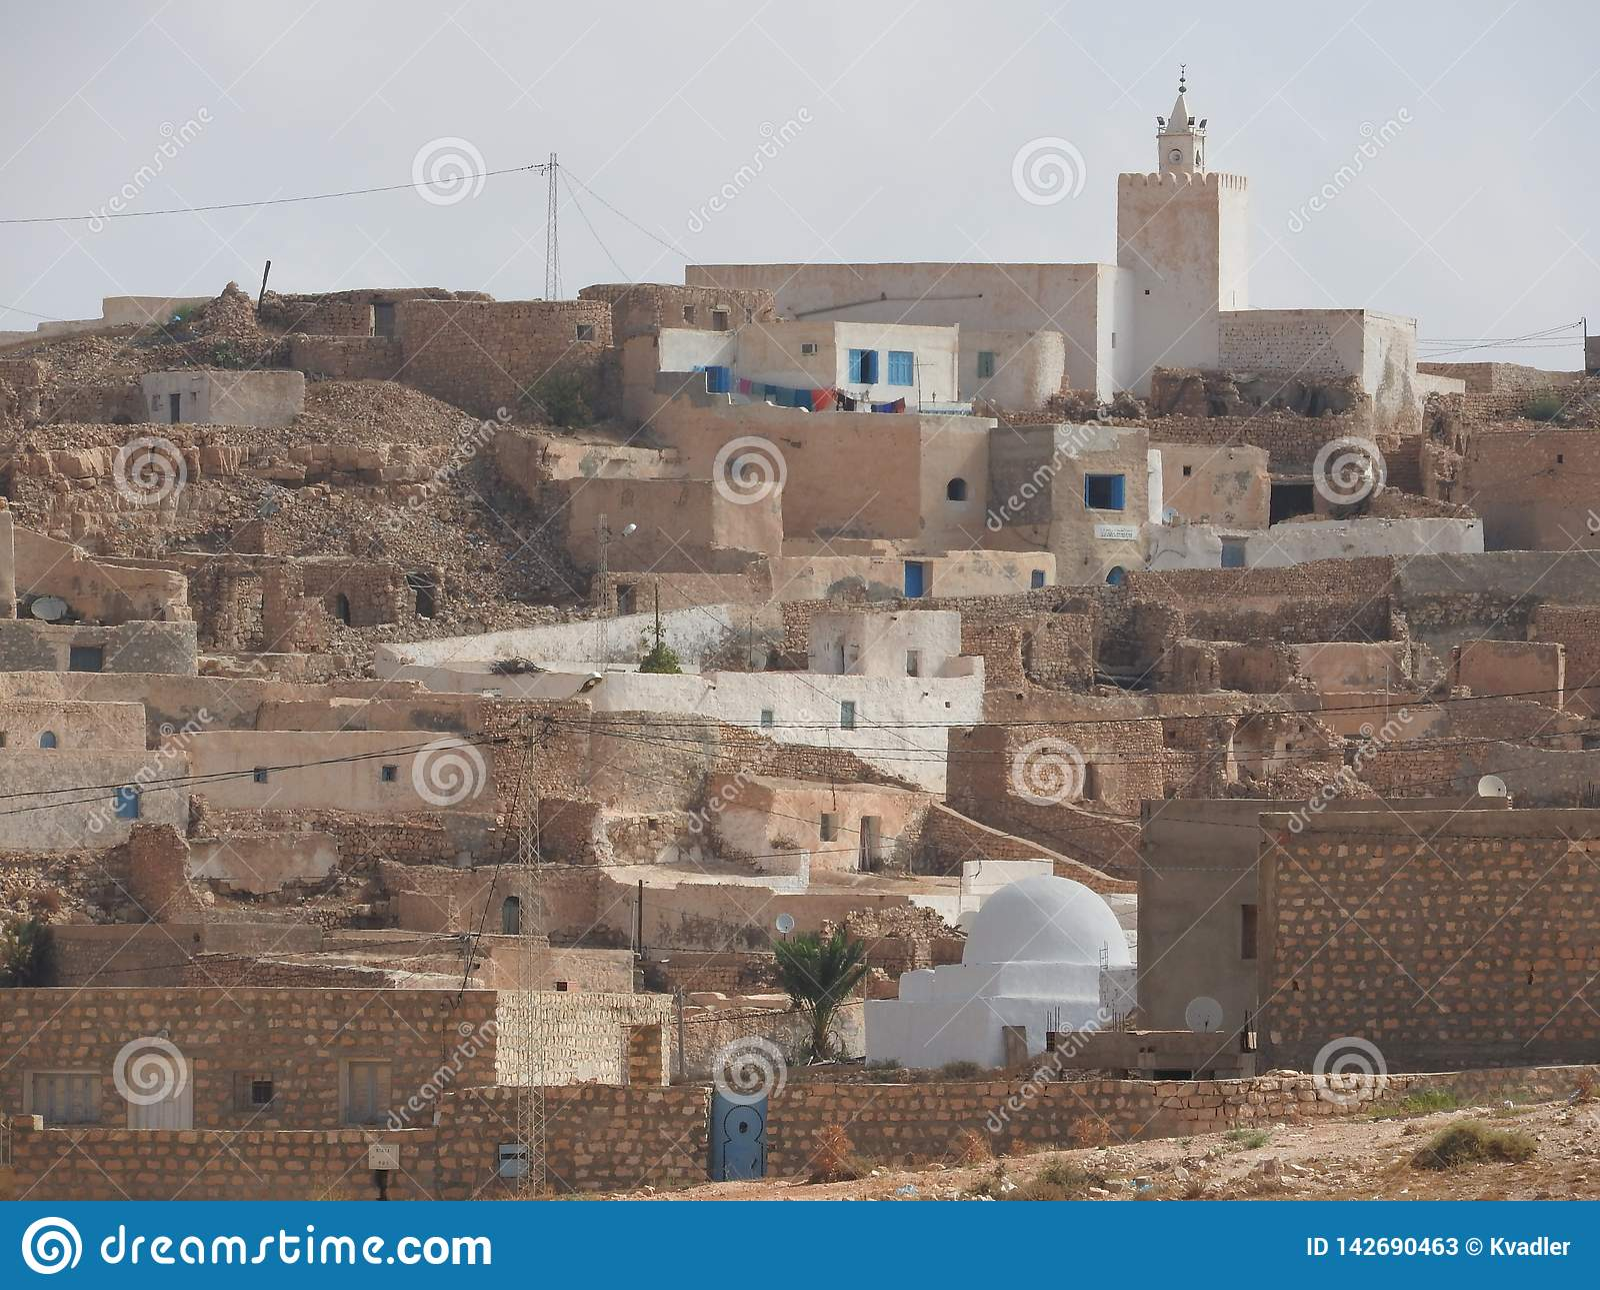 Καυτή έρημος μουσουλμανικών τεμενών επαρχιών του χωριού Tamezret Gabes Berber της Βόρειας Αφρικής στην Τυνησία